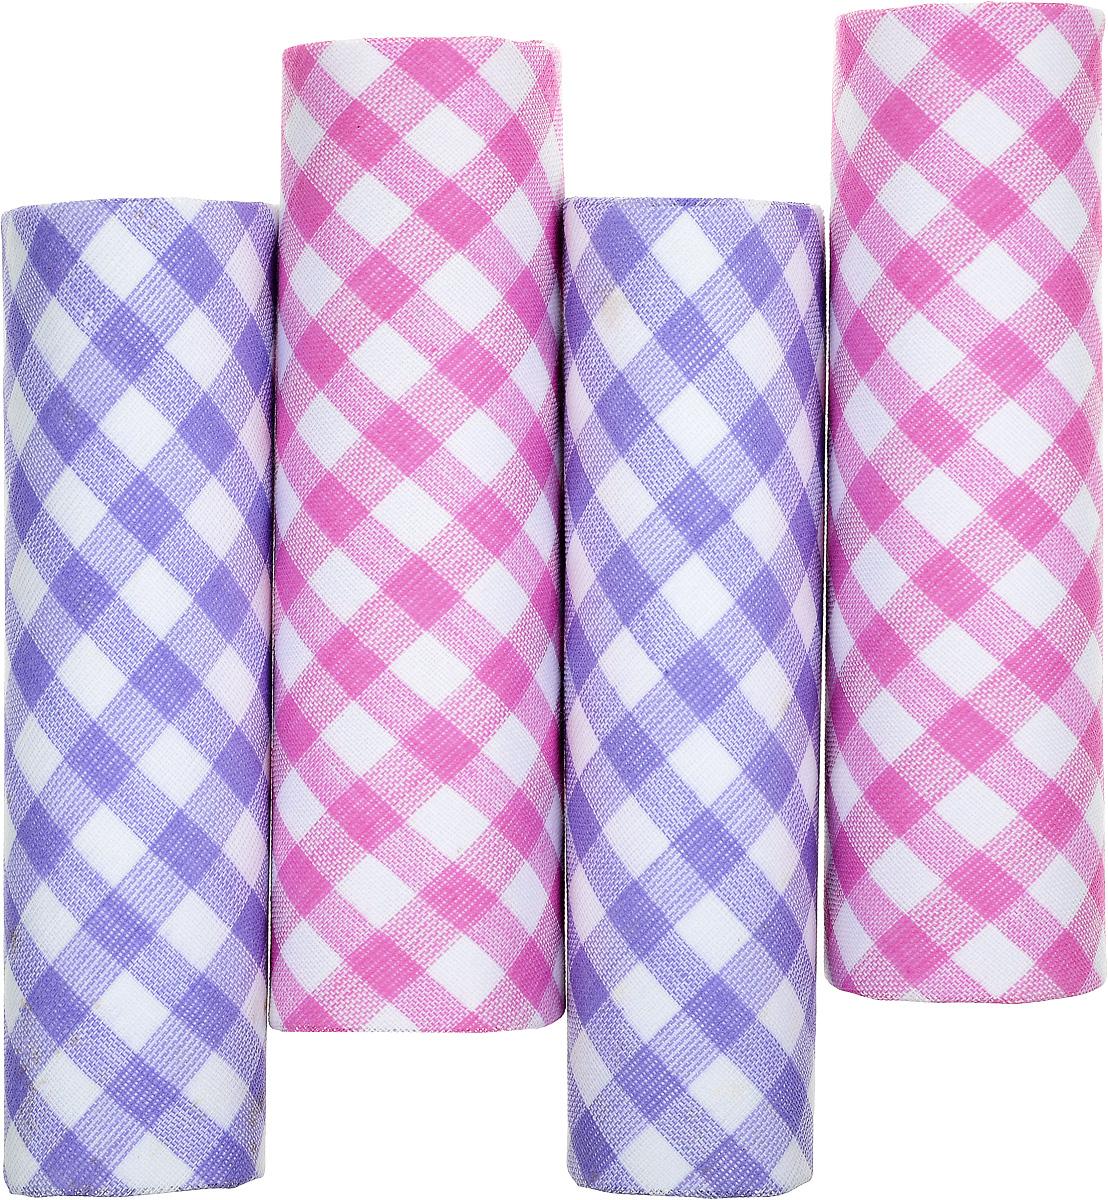 Платок носовой женский Zlata Korunka, цвет: белый, розовый, сиреневый. 71420-2. Размер 29 х 29 см, 4 шт71420-2Носовой платок Zlata Korunka изготовлен из высококачественного натурального хлопка, благодаря чему приятен в использовании, хорошо стирается, не садится и отлично впитывает влагу. Практичный и изящный носовой платок будет незаменим в повседневной жизни любого современного человека. Такой платок послужит стильным аксессуаром и подчеркнет ваше превосходное чувство вкуса. В комплекте 4 платка.